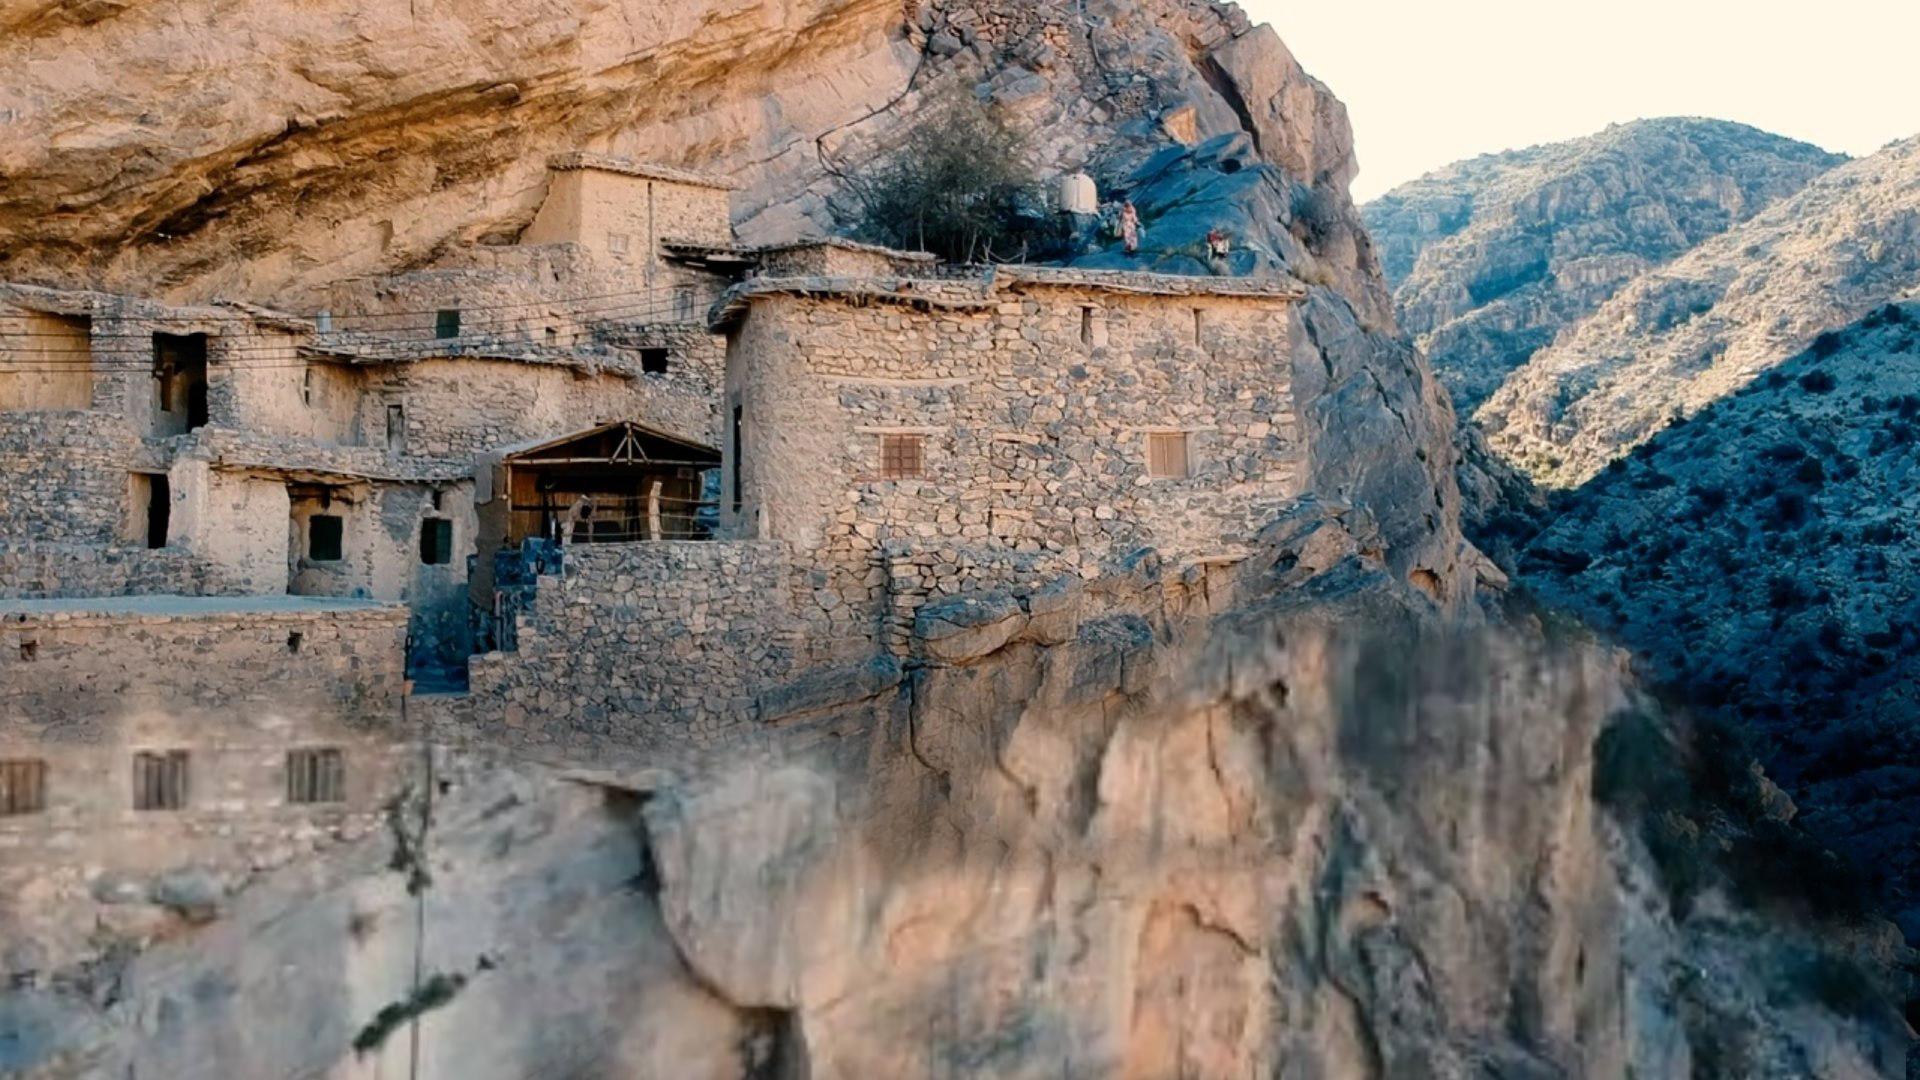 Khám phá ngôi làng bí ẩn có tuổi đời hàng trăm năm trên các vách núi ở Oman (9/6/2019)